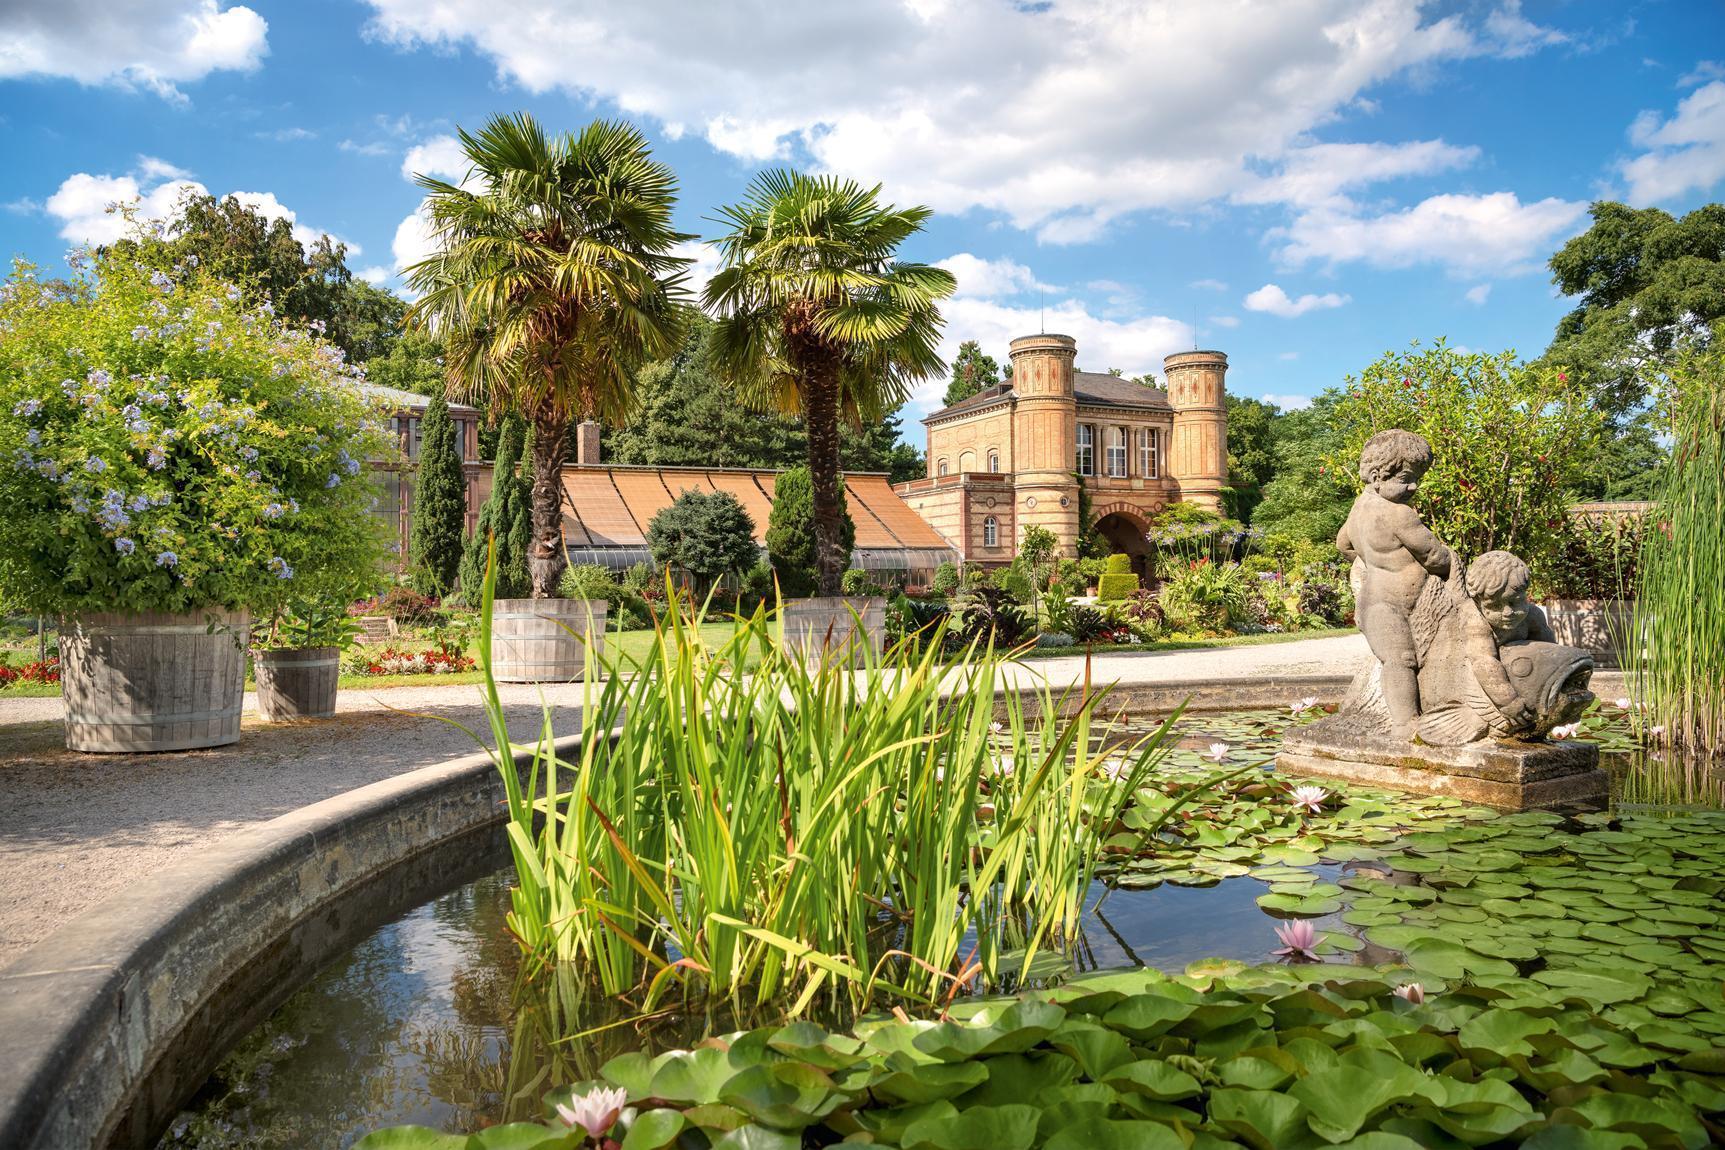 Jardin botanique de Karlsruhe, bassin dans le jardin